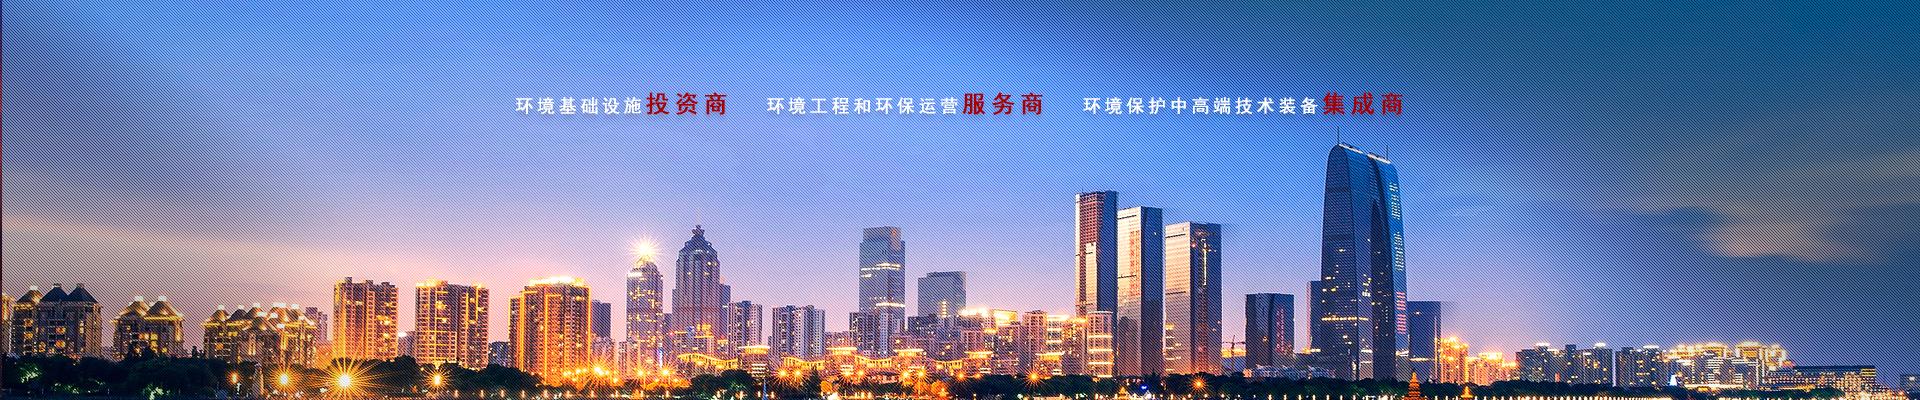 江苏环保产业股份有限公司